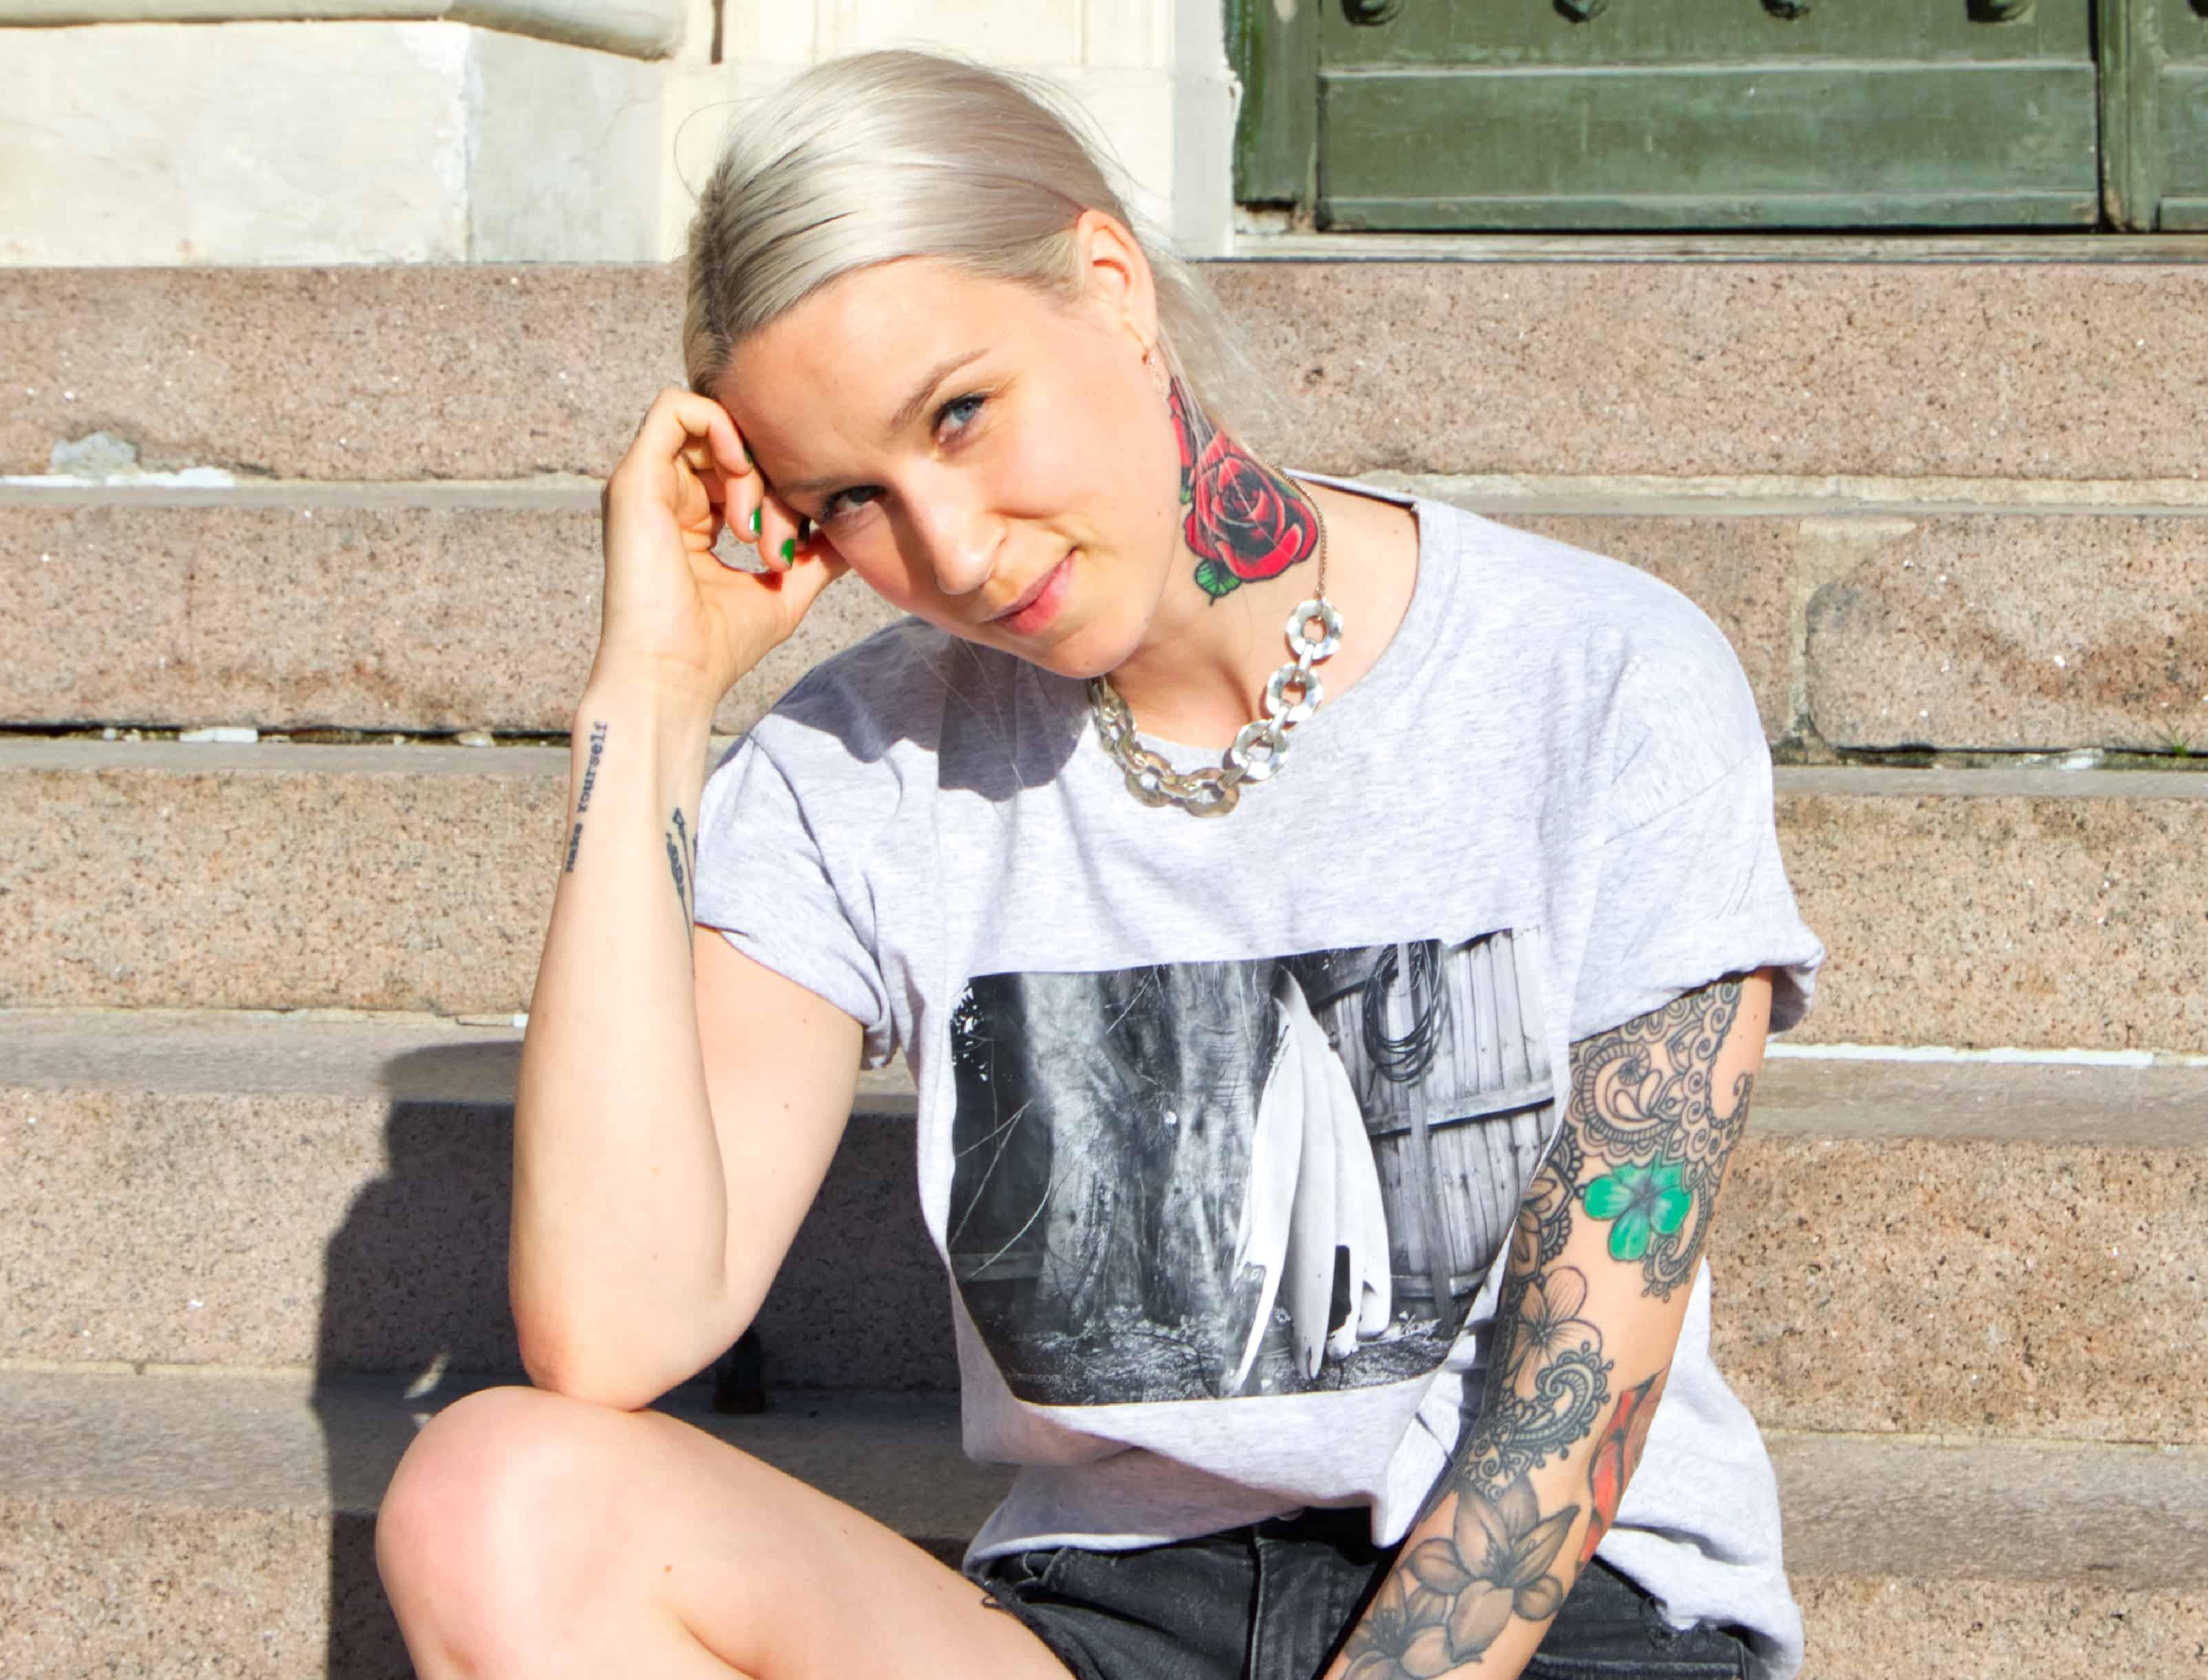 Thea Einarsson, fotograf og regissør